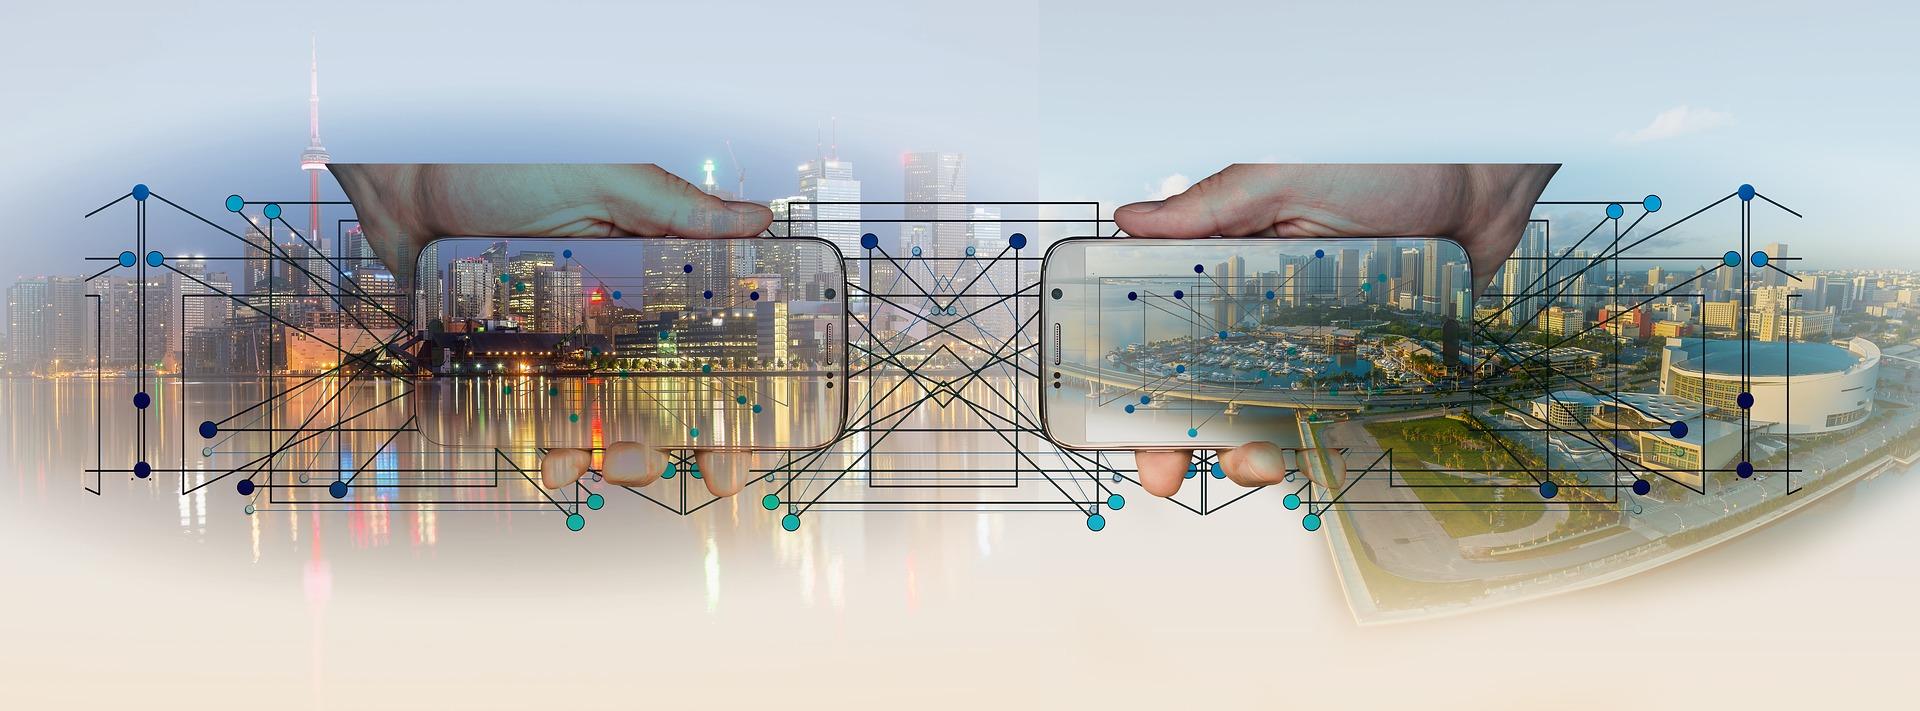 immagine figurata dell'industria 4.0